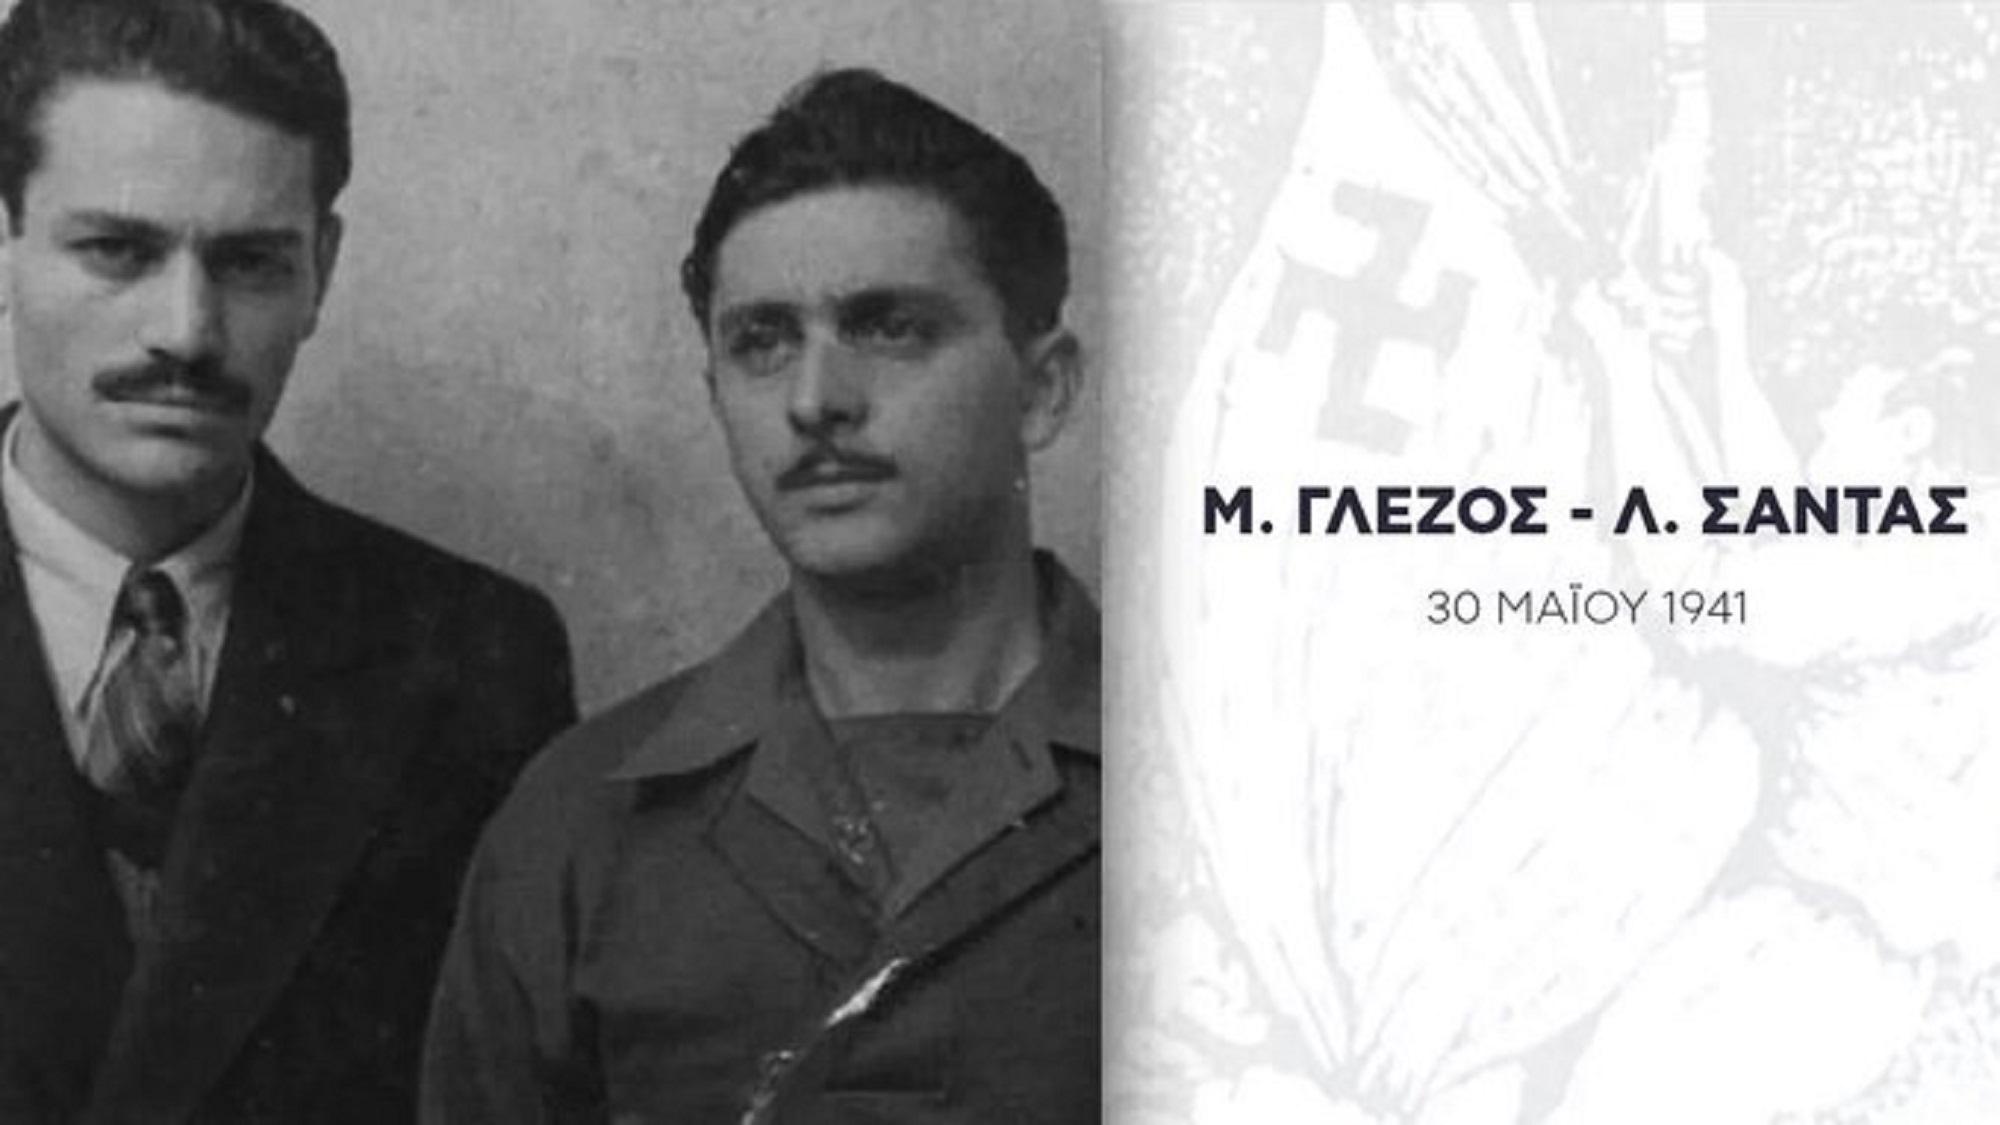 Σαν σήμερα το 1941 κατέβηκε η ναζιστική σημαία από την Ακρόπολη